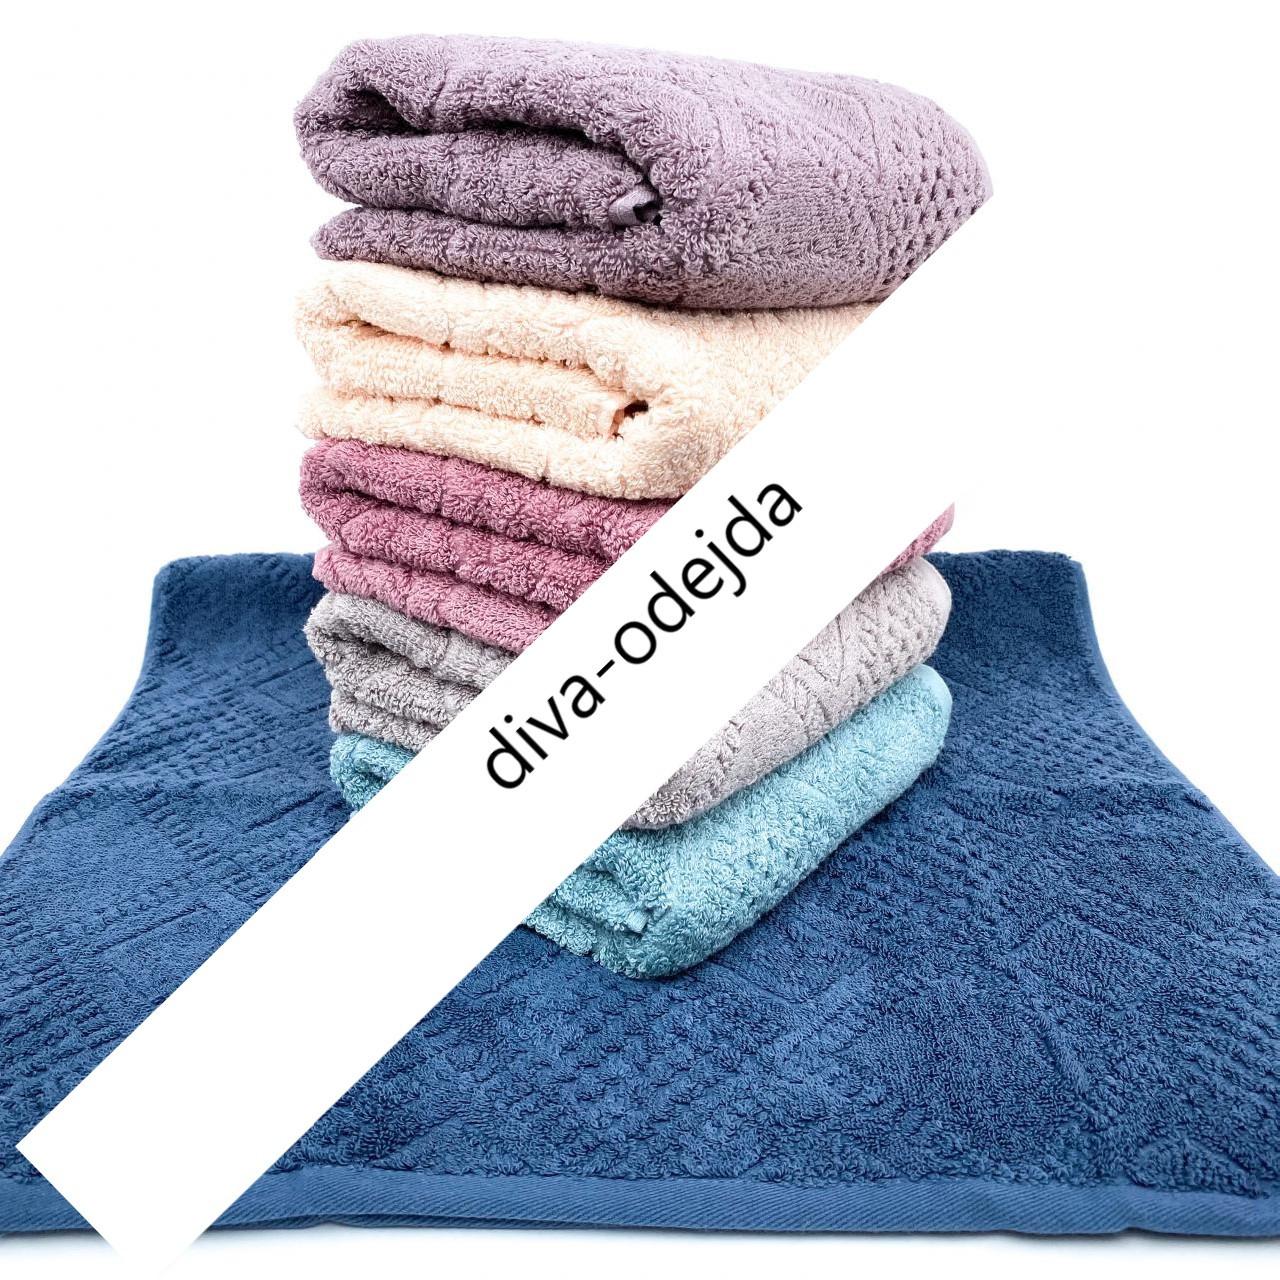 Полотенце для рук и лица из качественного материала.Размер:1,0 x 0,5